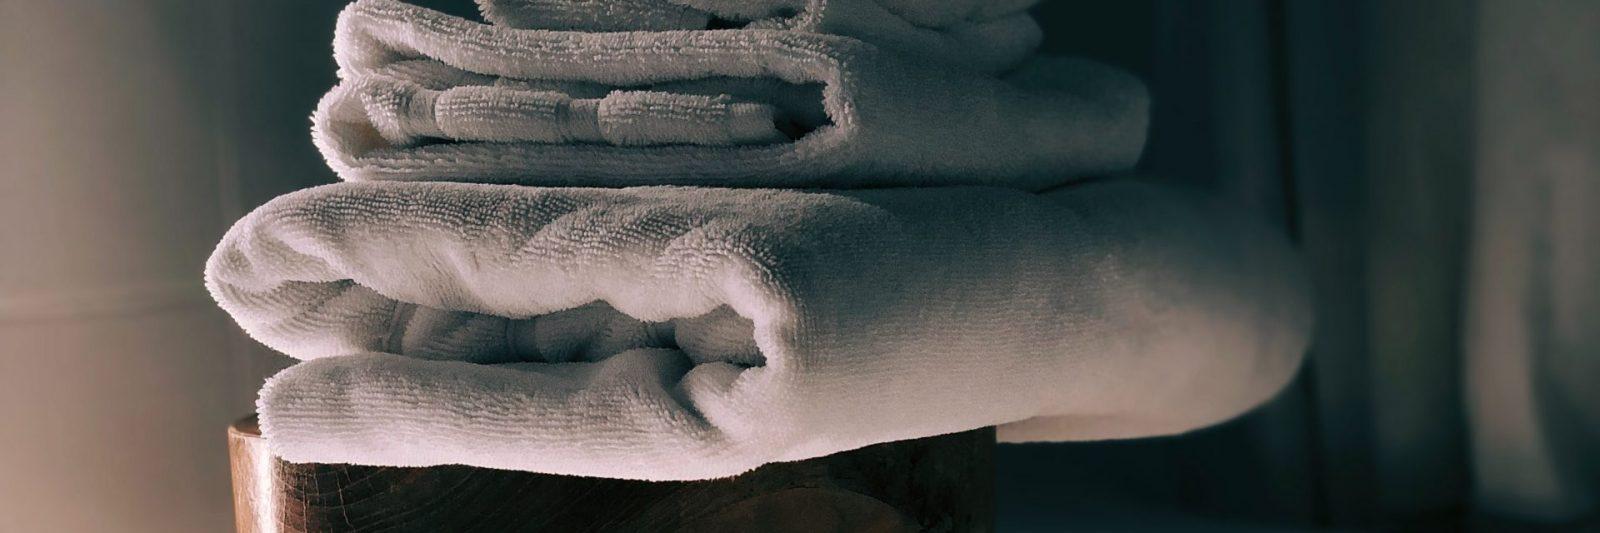 Clean towels on a stool near bathtub